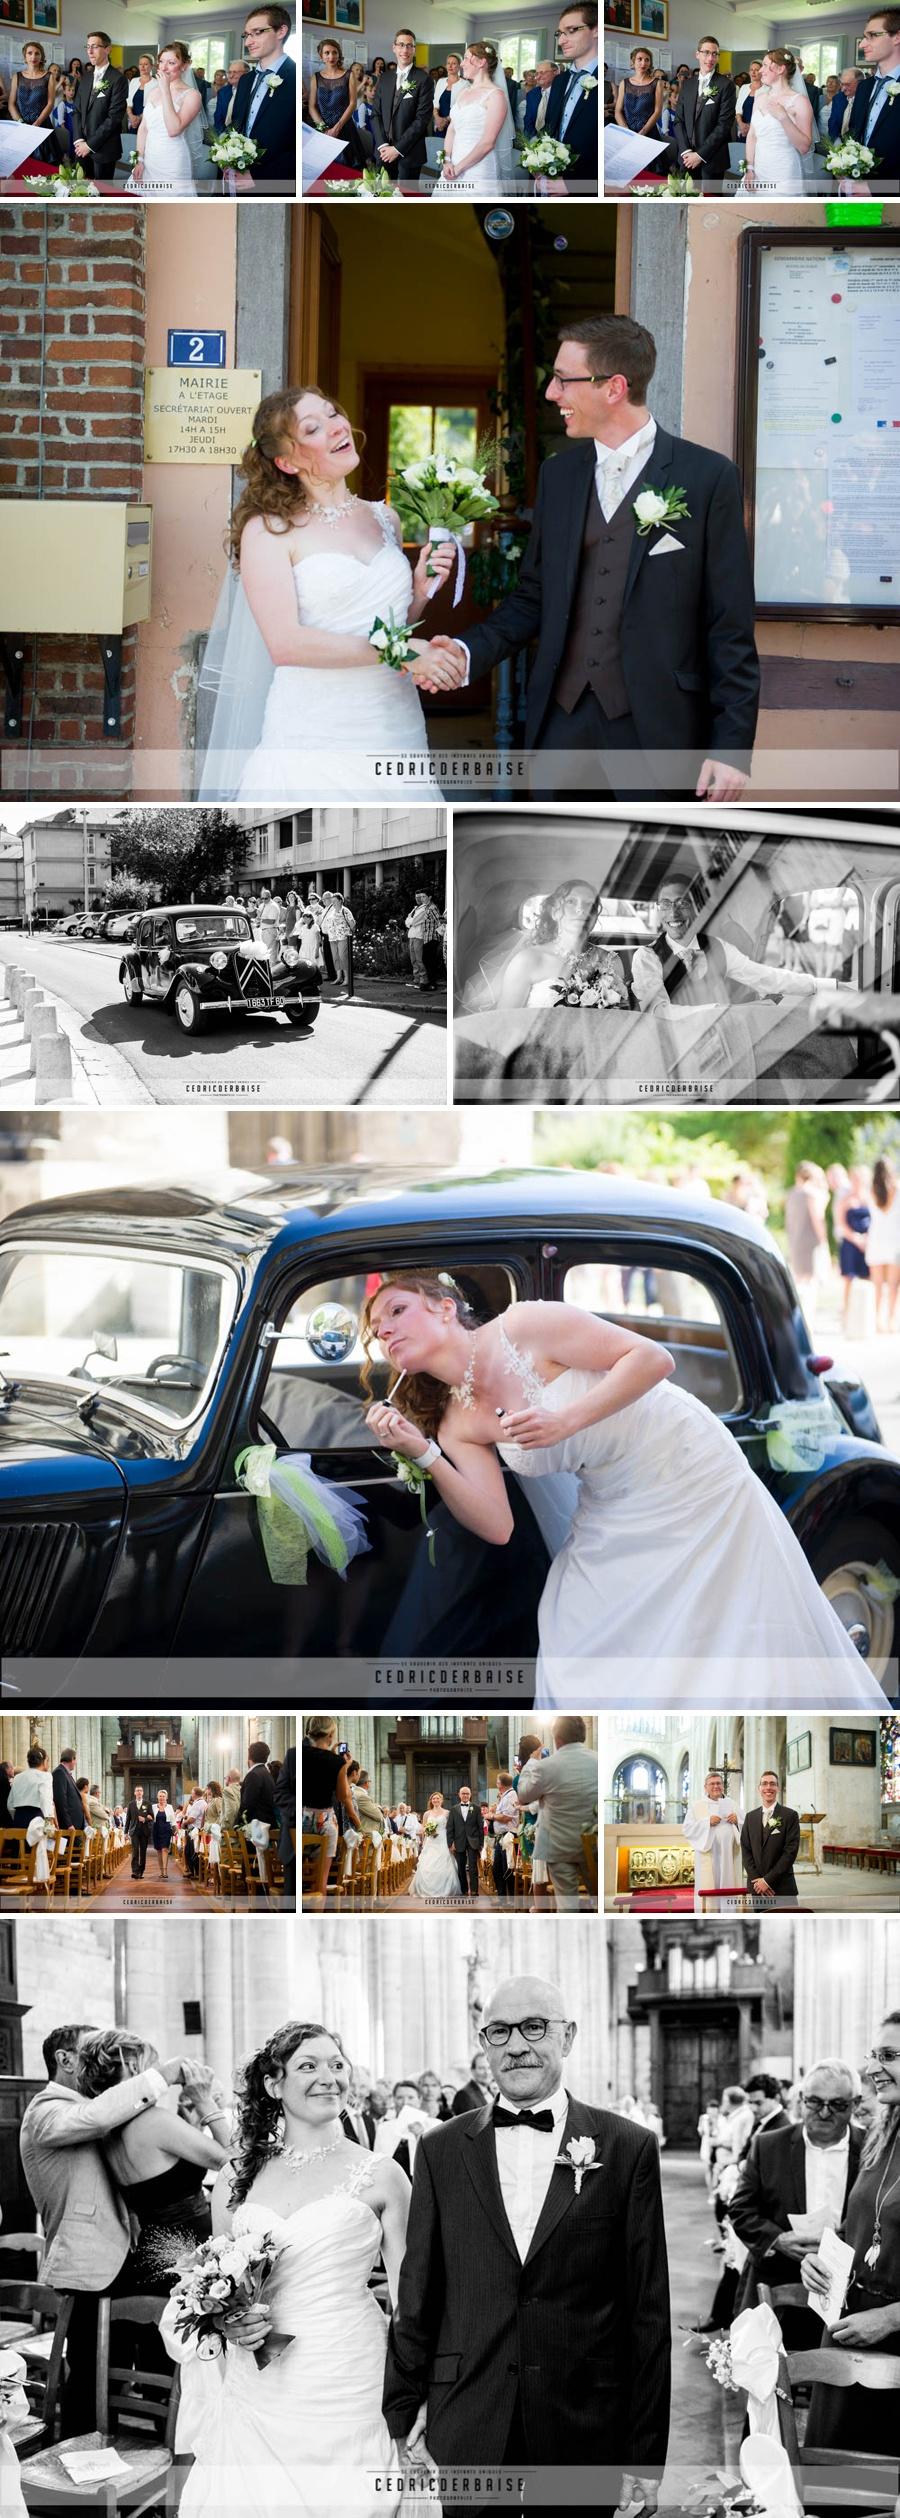 Photographe mariage beauvais-ceremonie-civile-religieuse-eglise-saint-etienne-beauvais